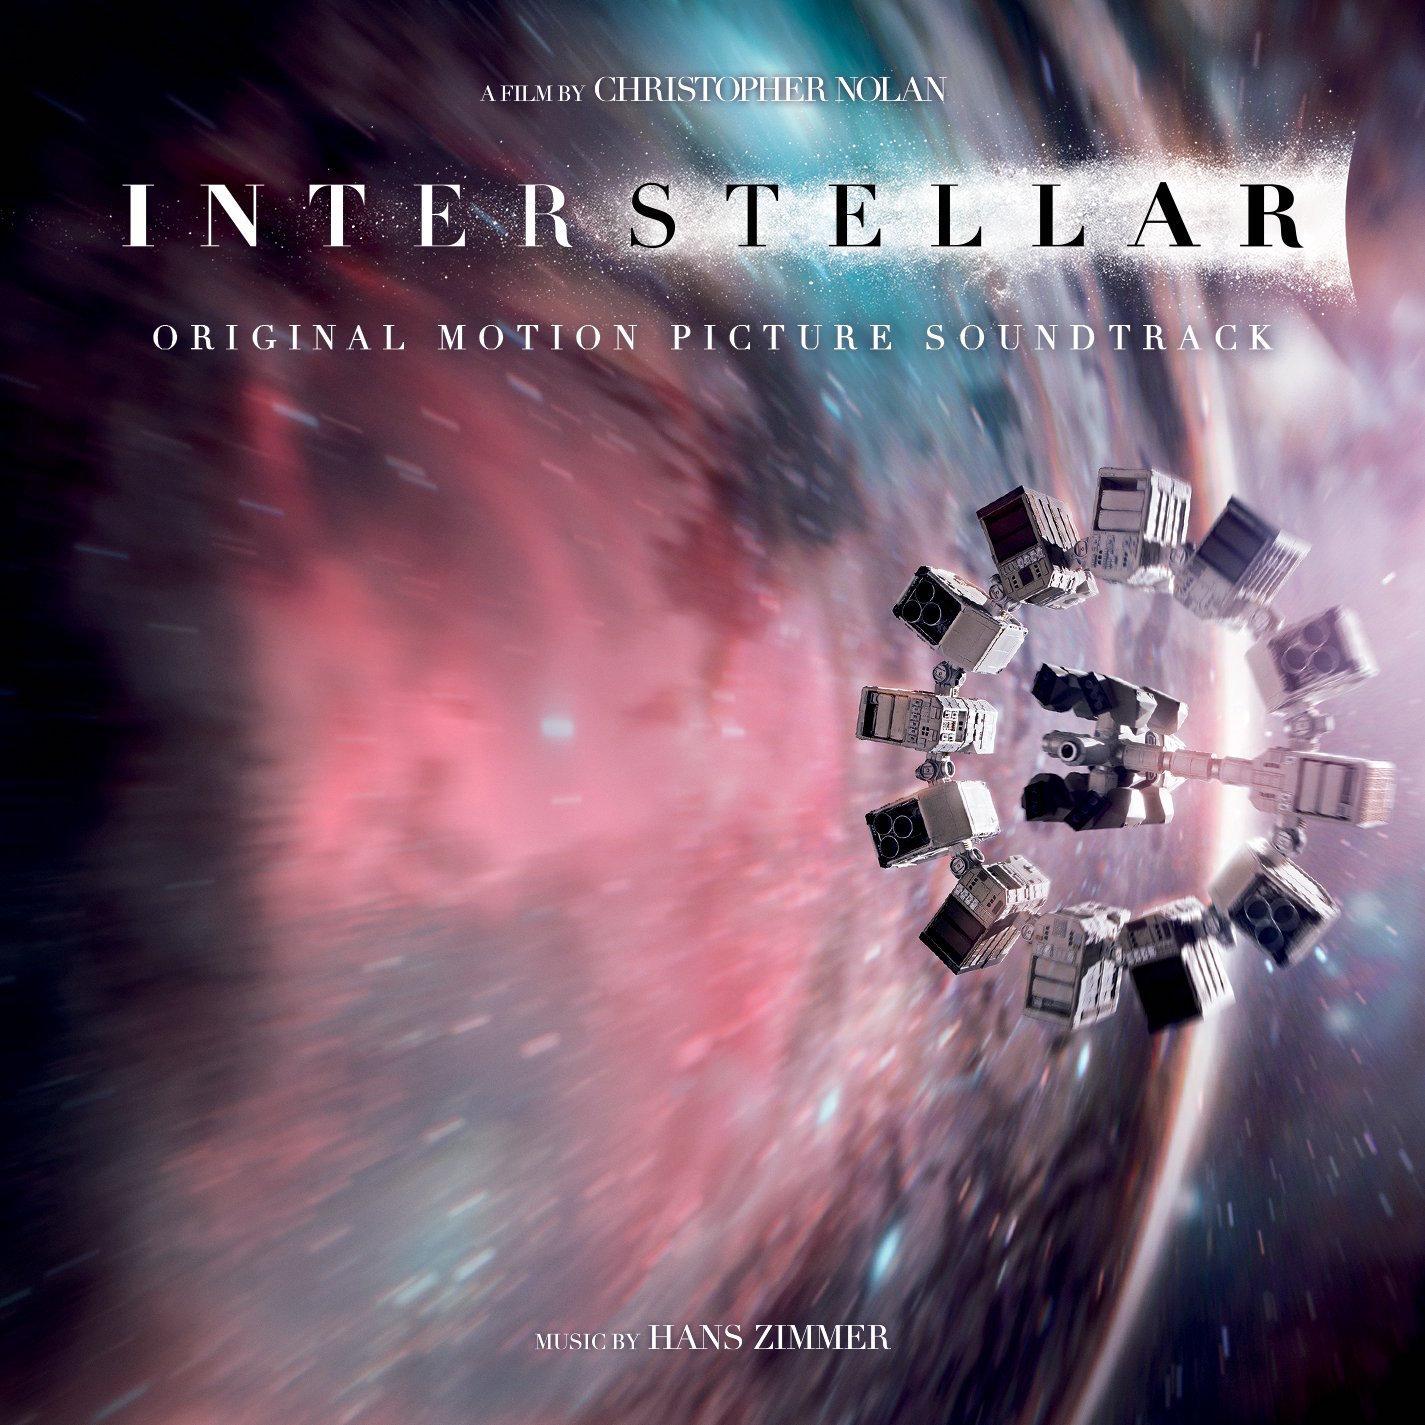 Interstellar: Original Motion Picture Soundtrack - stream - hans zimmer